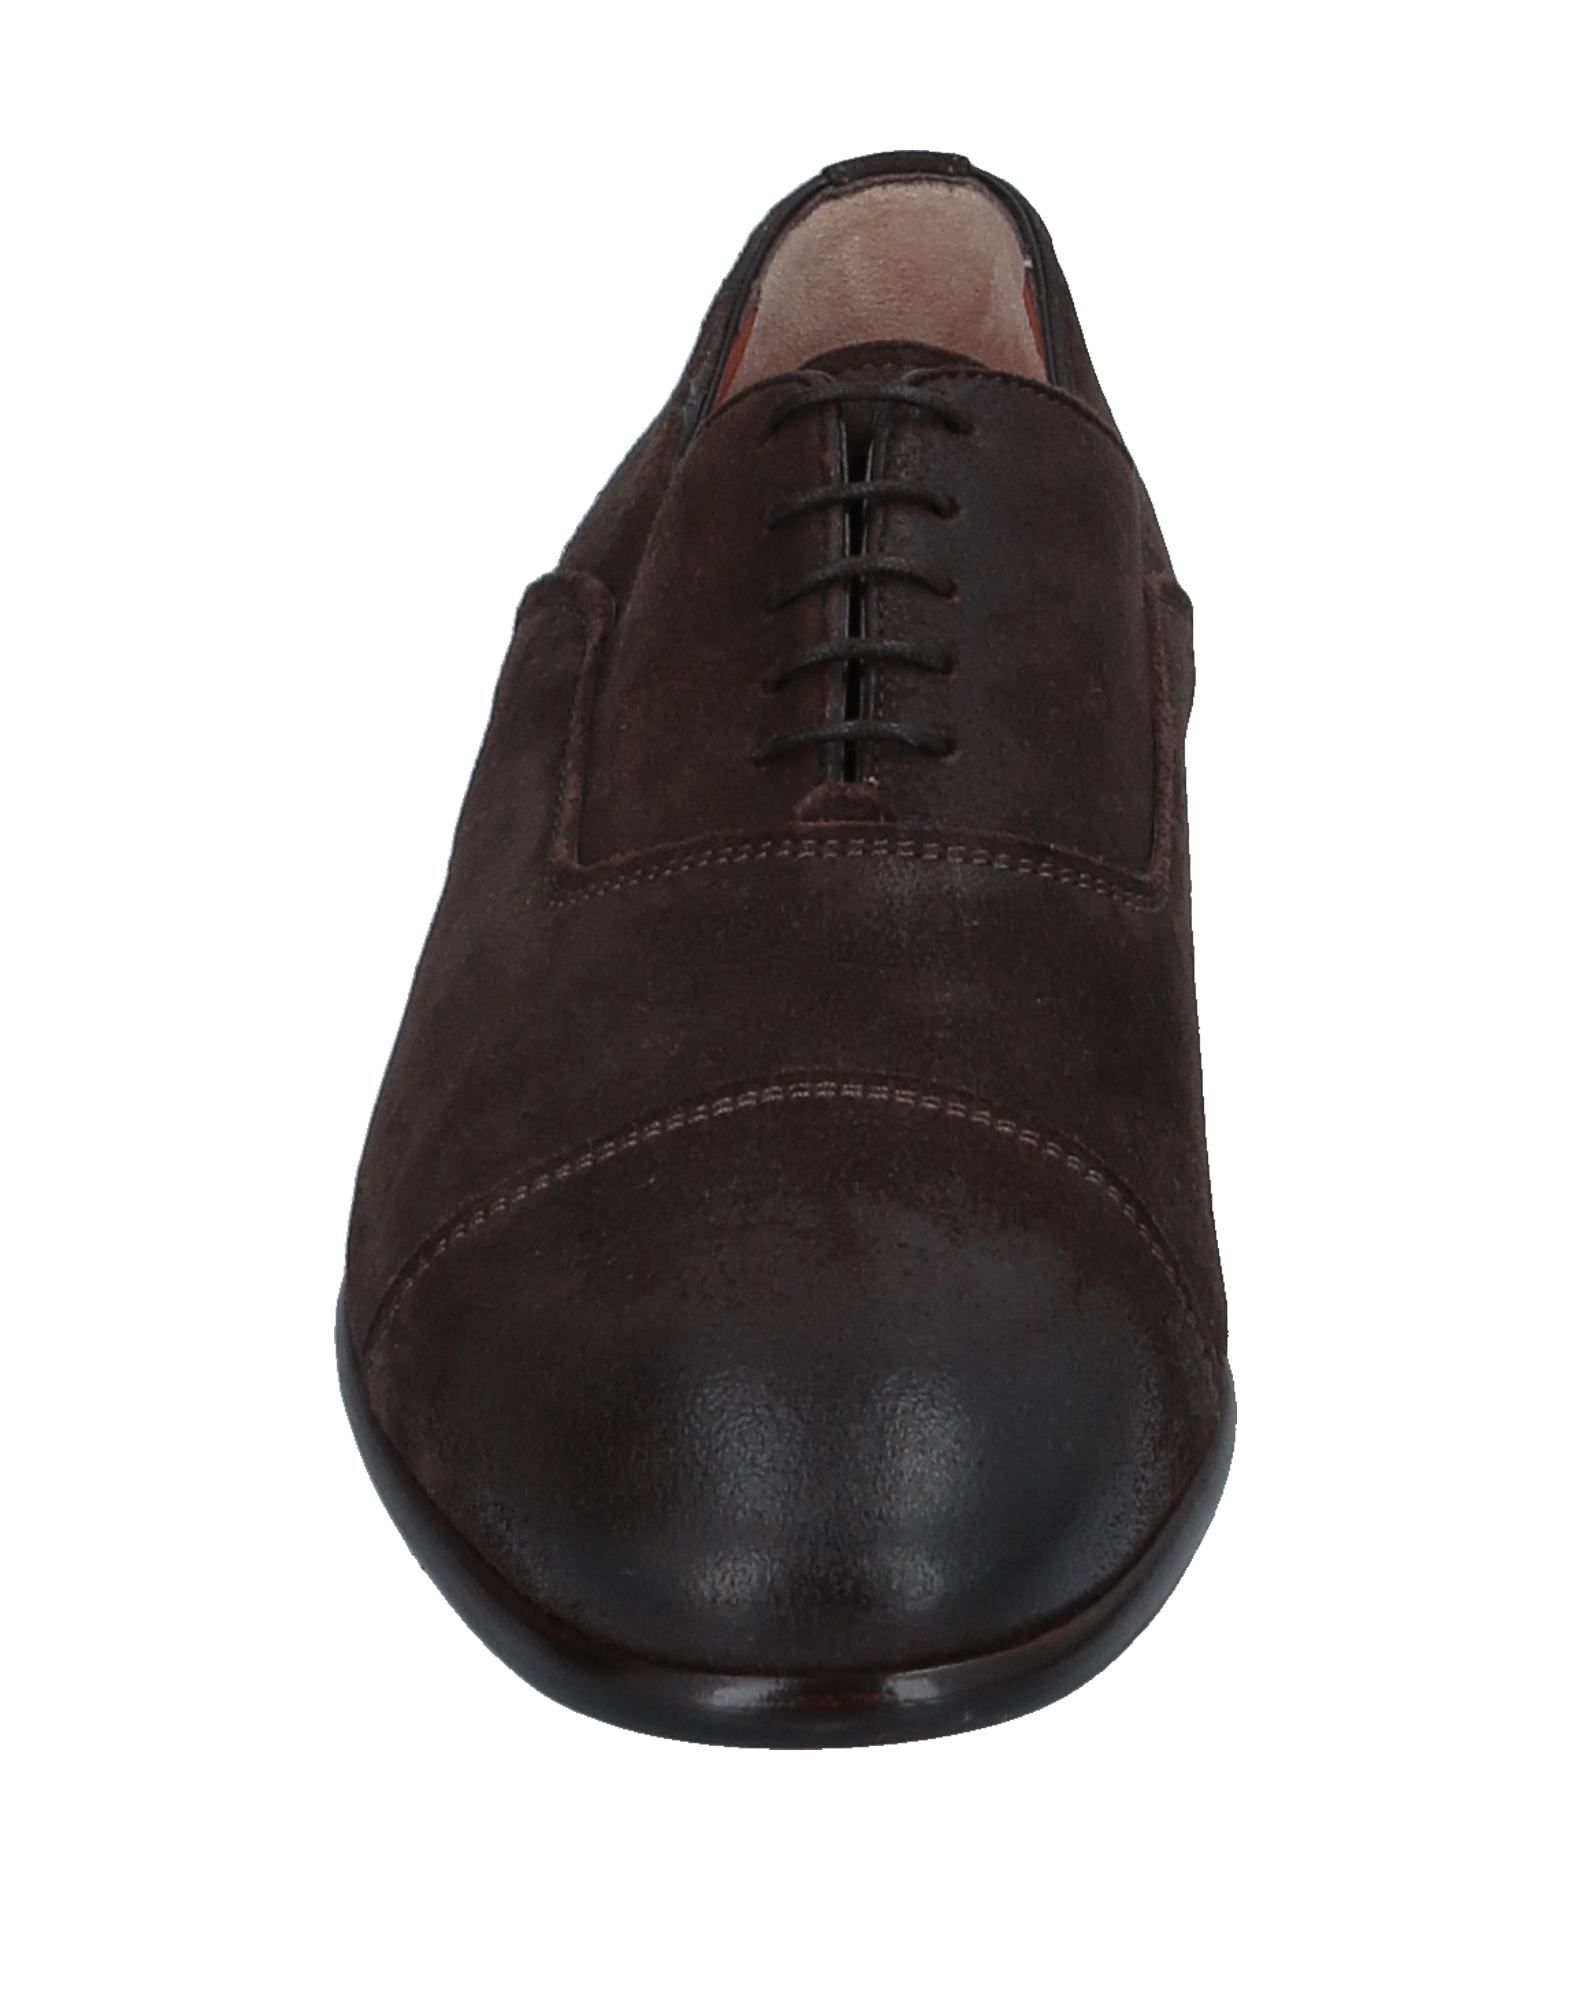 Santoni Schnürschuhe Herren  11542116LG Gute Qualität beliebte Schuhe